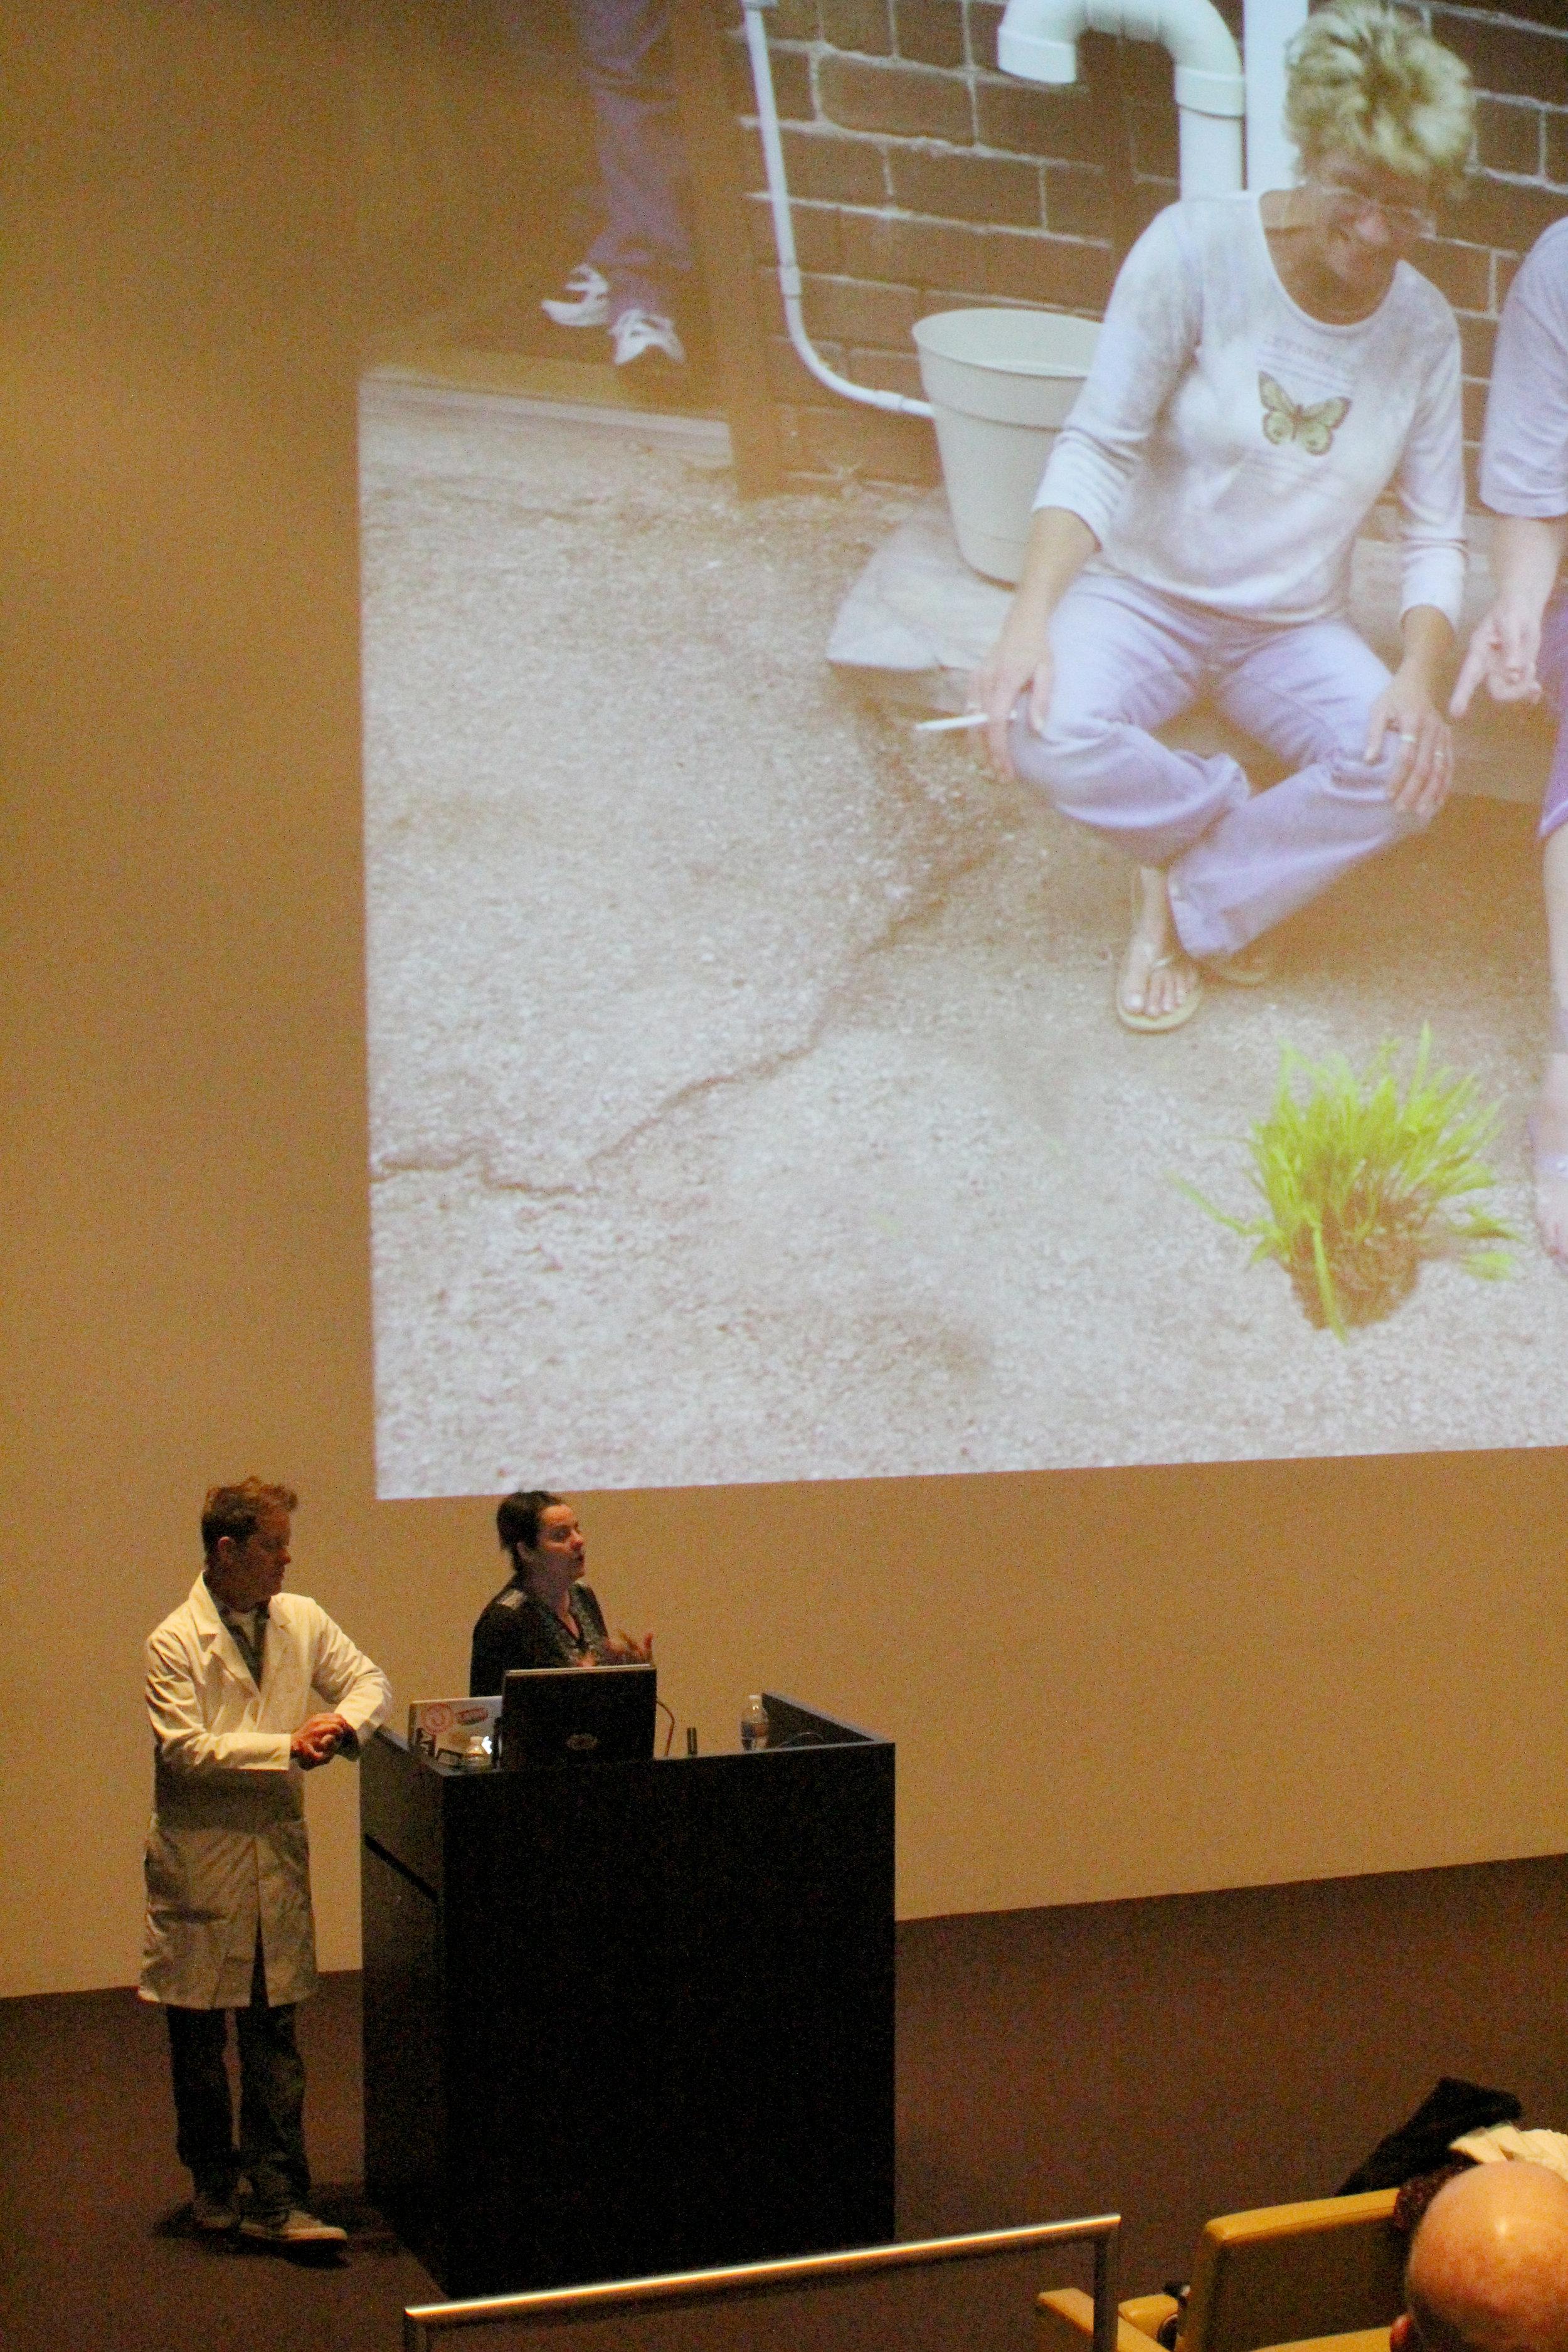 Schmuki and DesChene's artist lecture